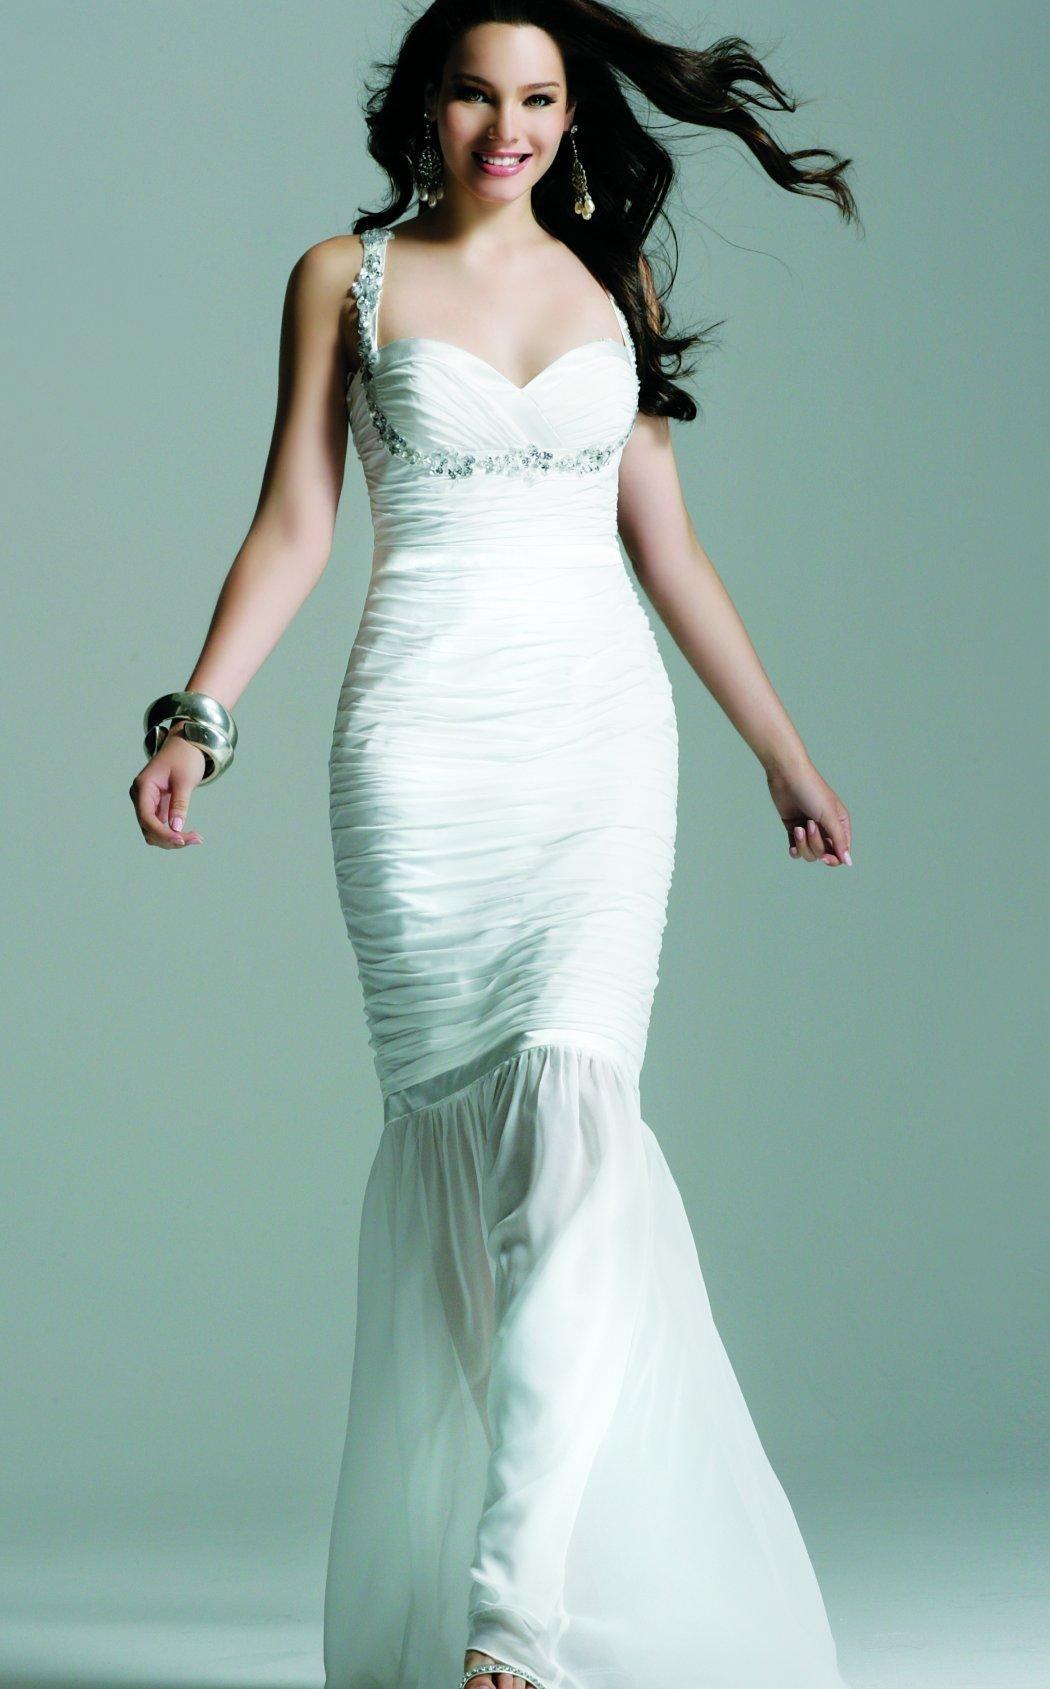 2009 Evening Dress Style from edressme.com | Dresses - Evening ...